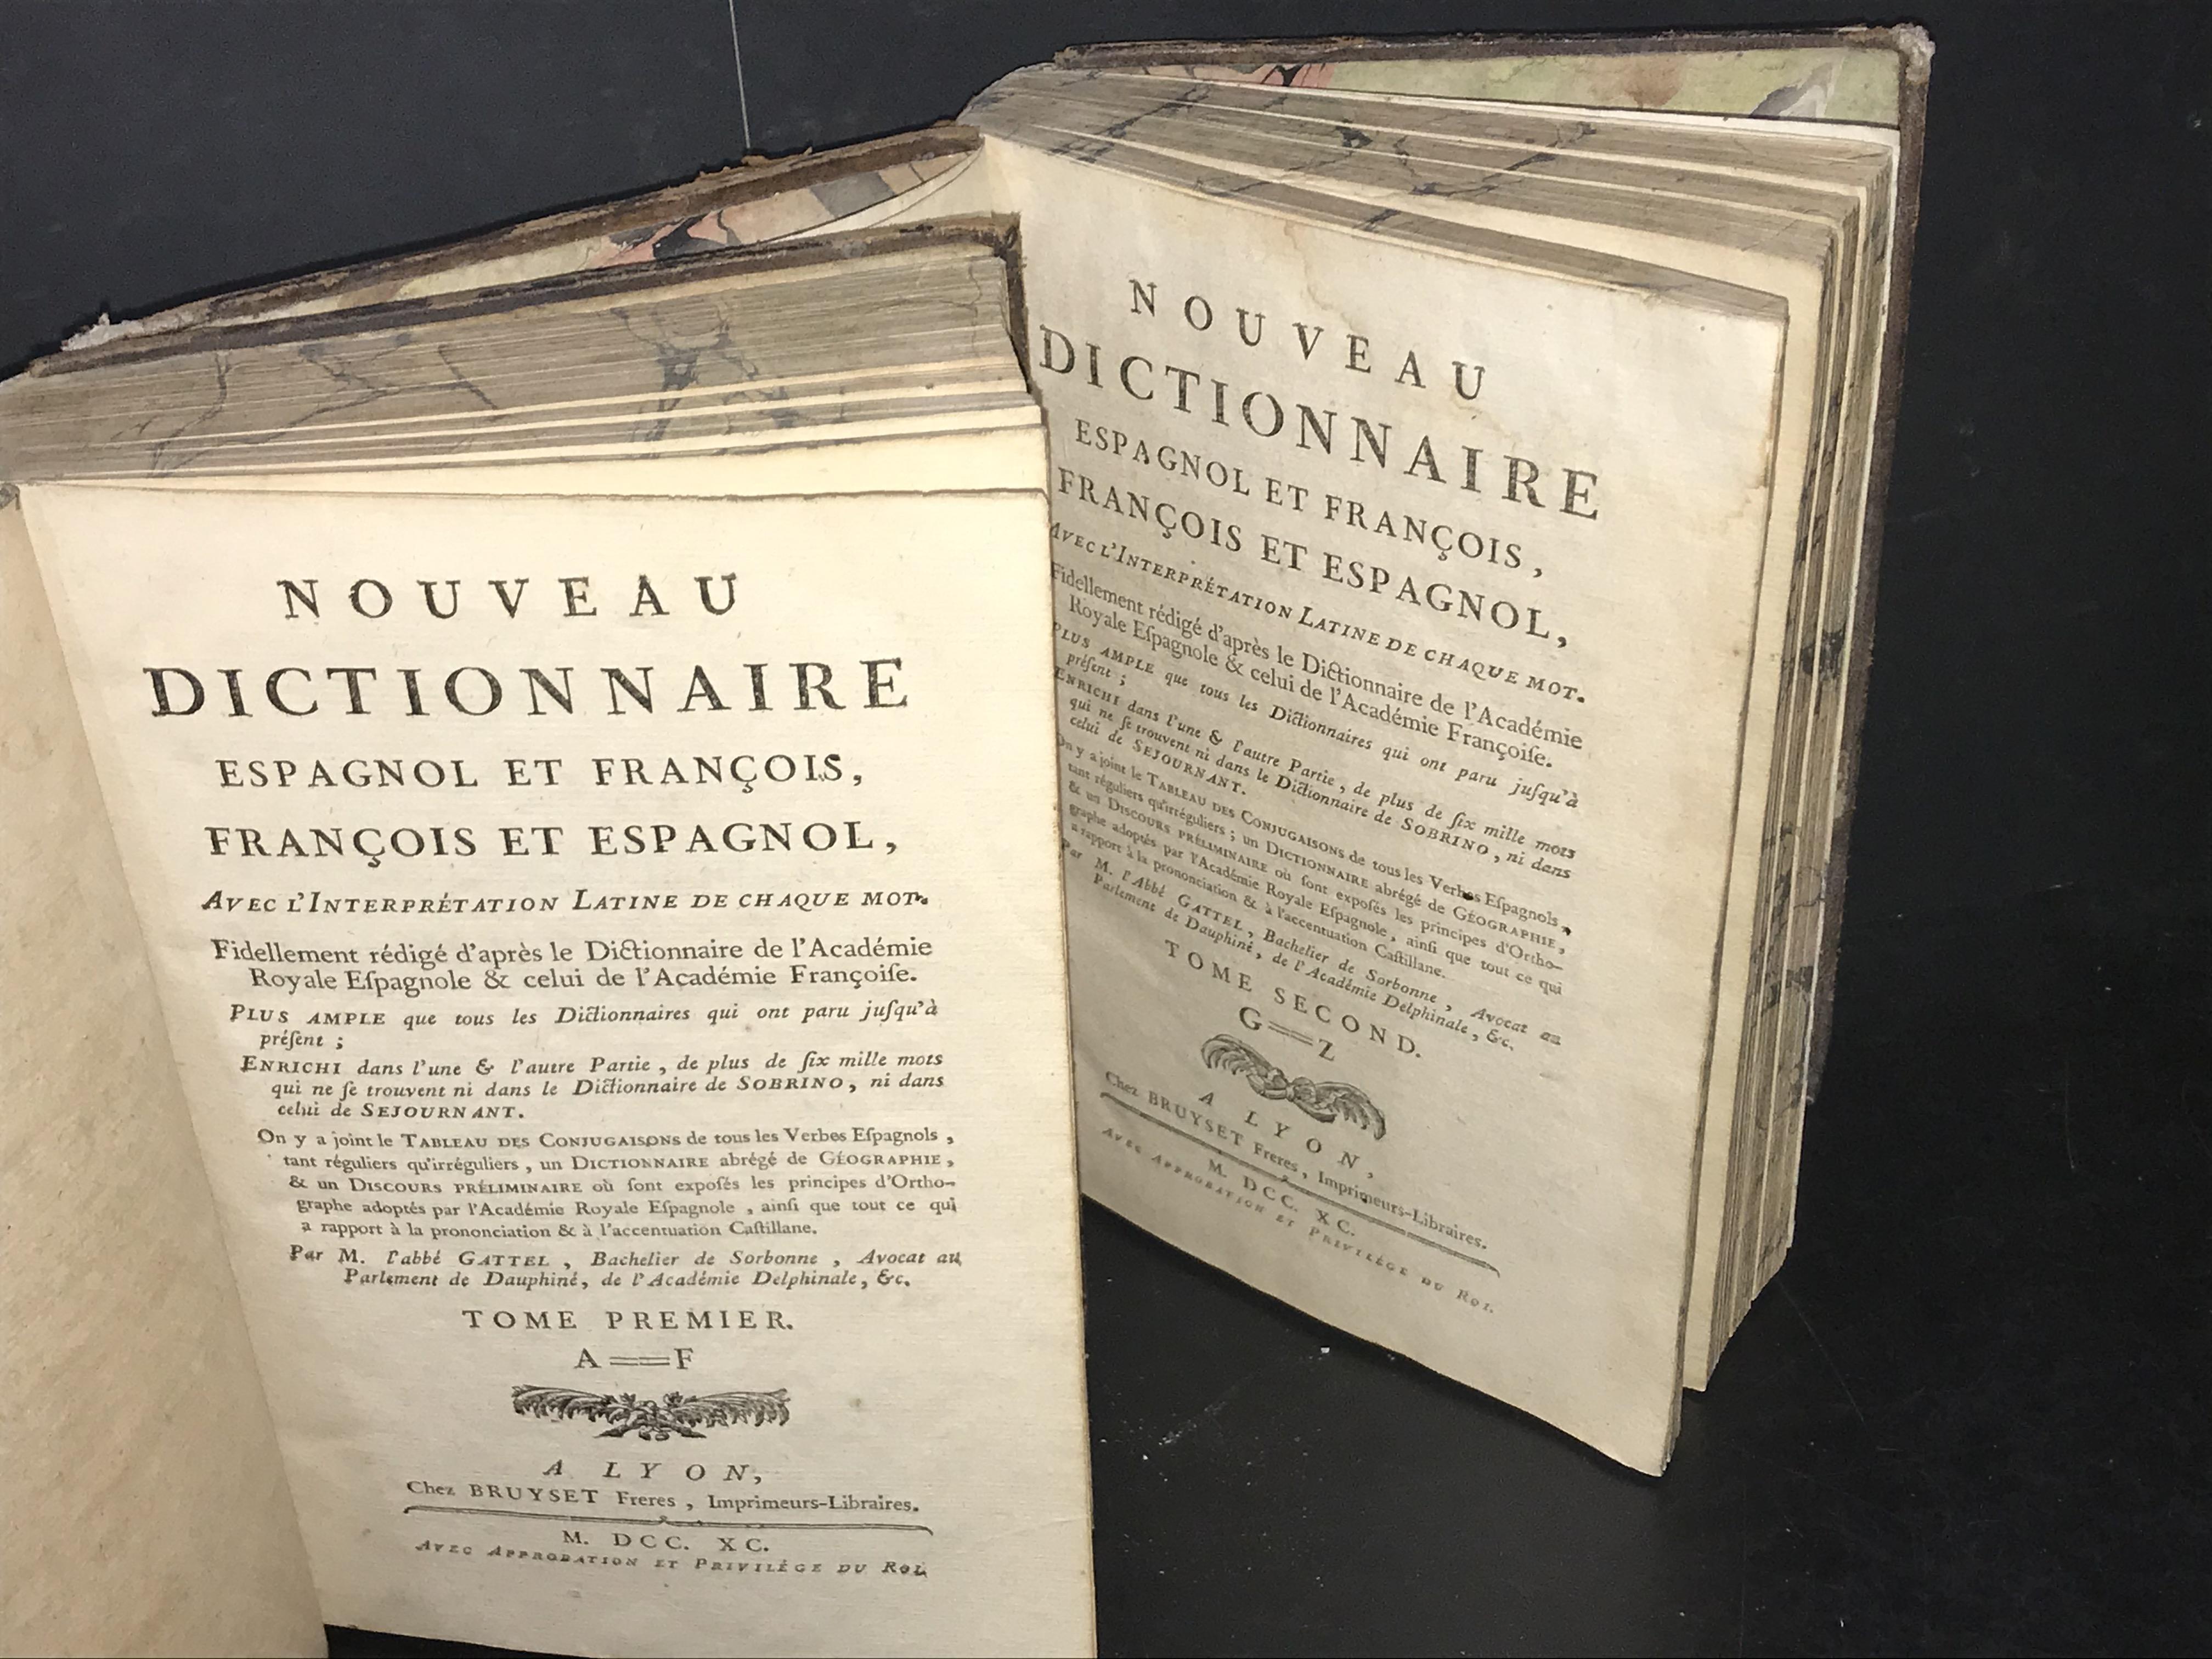 DICTIONNAIRE ESPAGNOL FRANCOIS / FRANCOIS ESPAGNOL